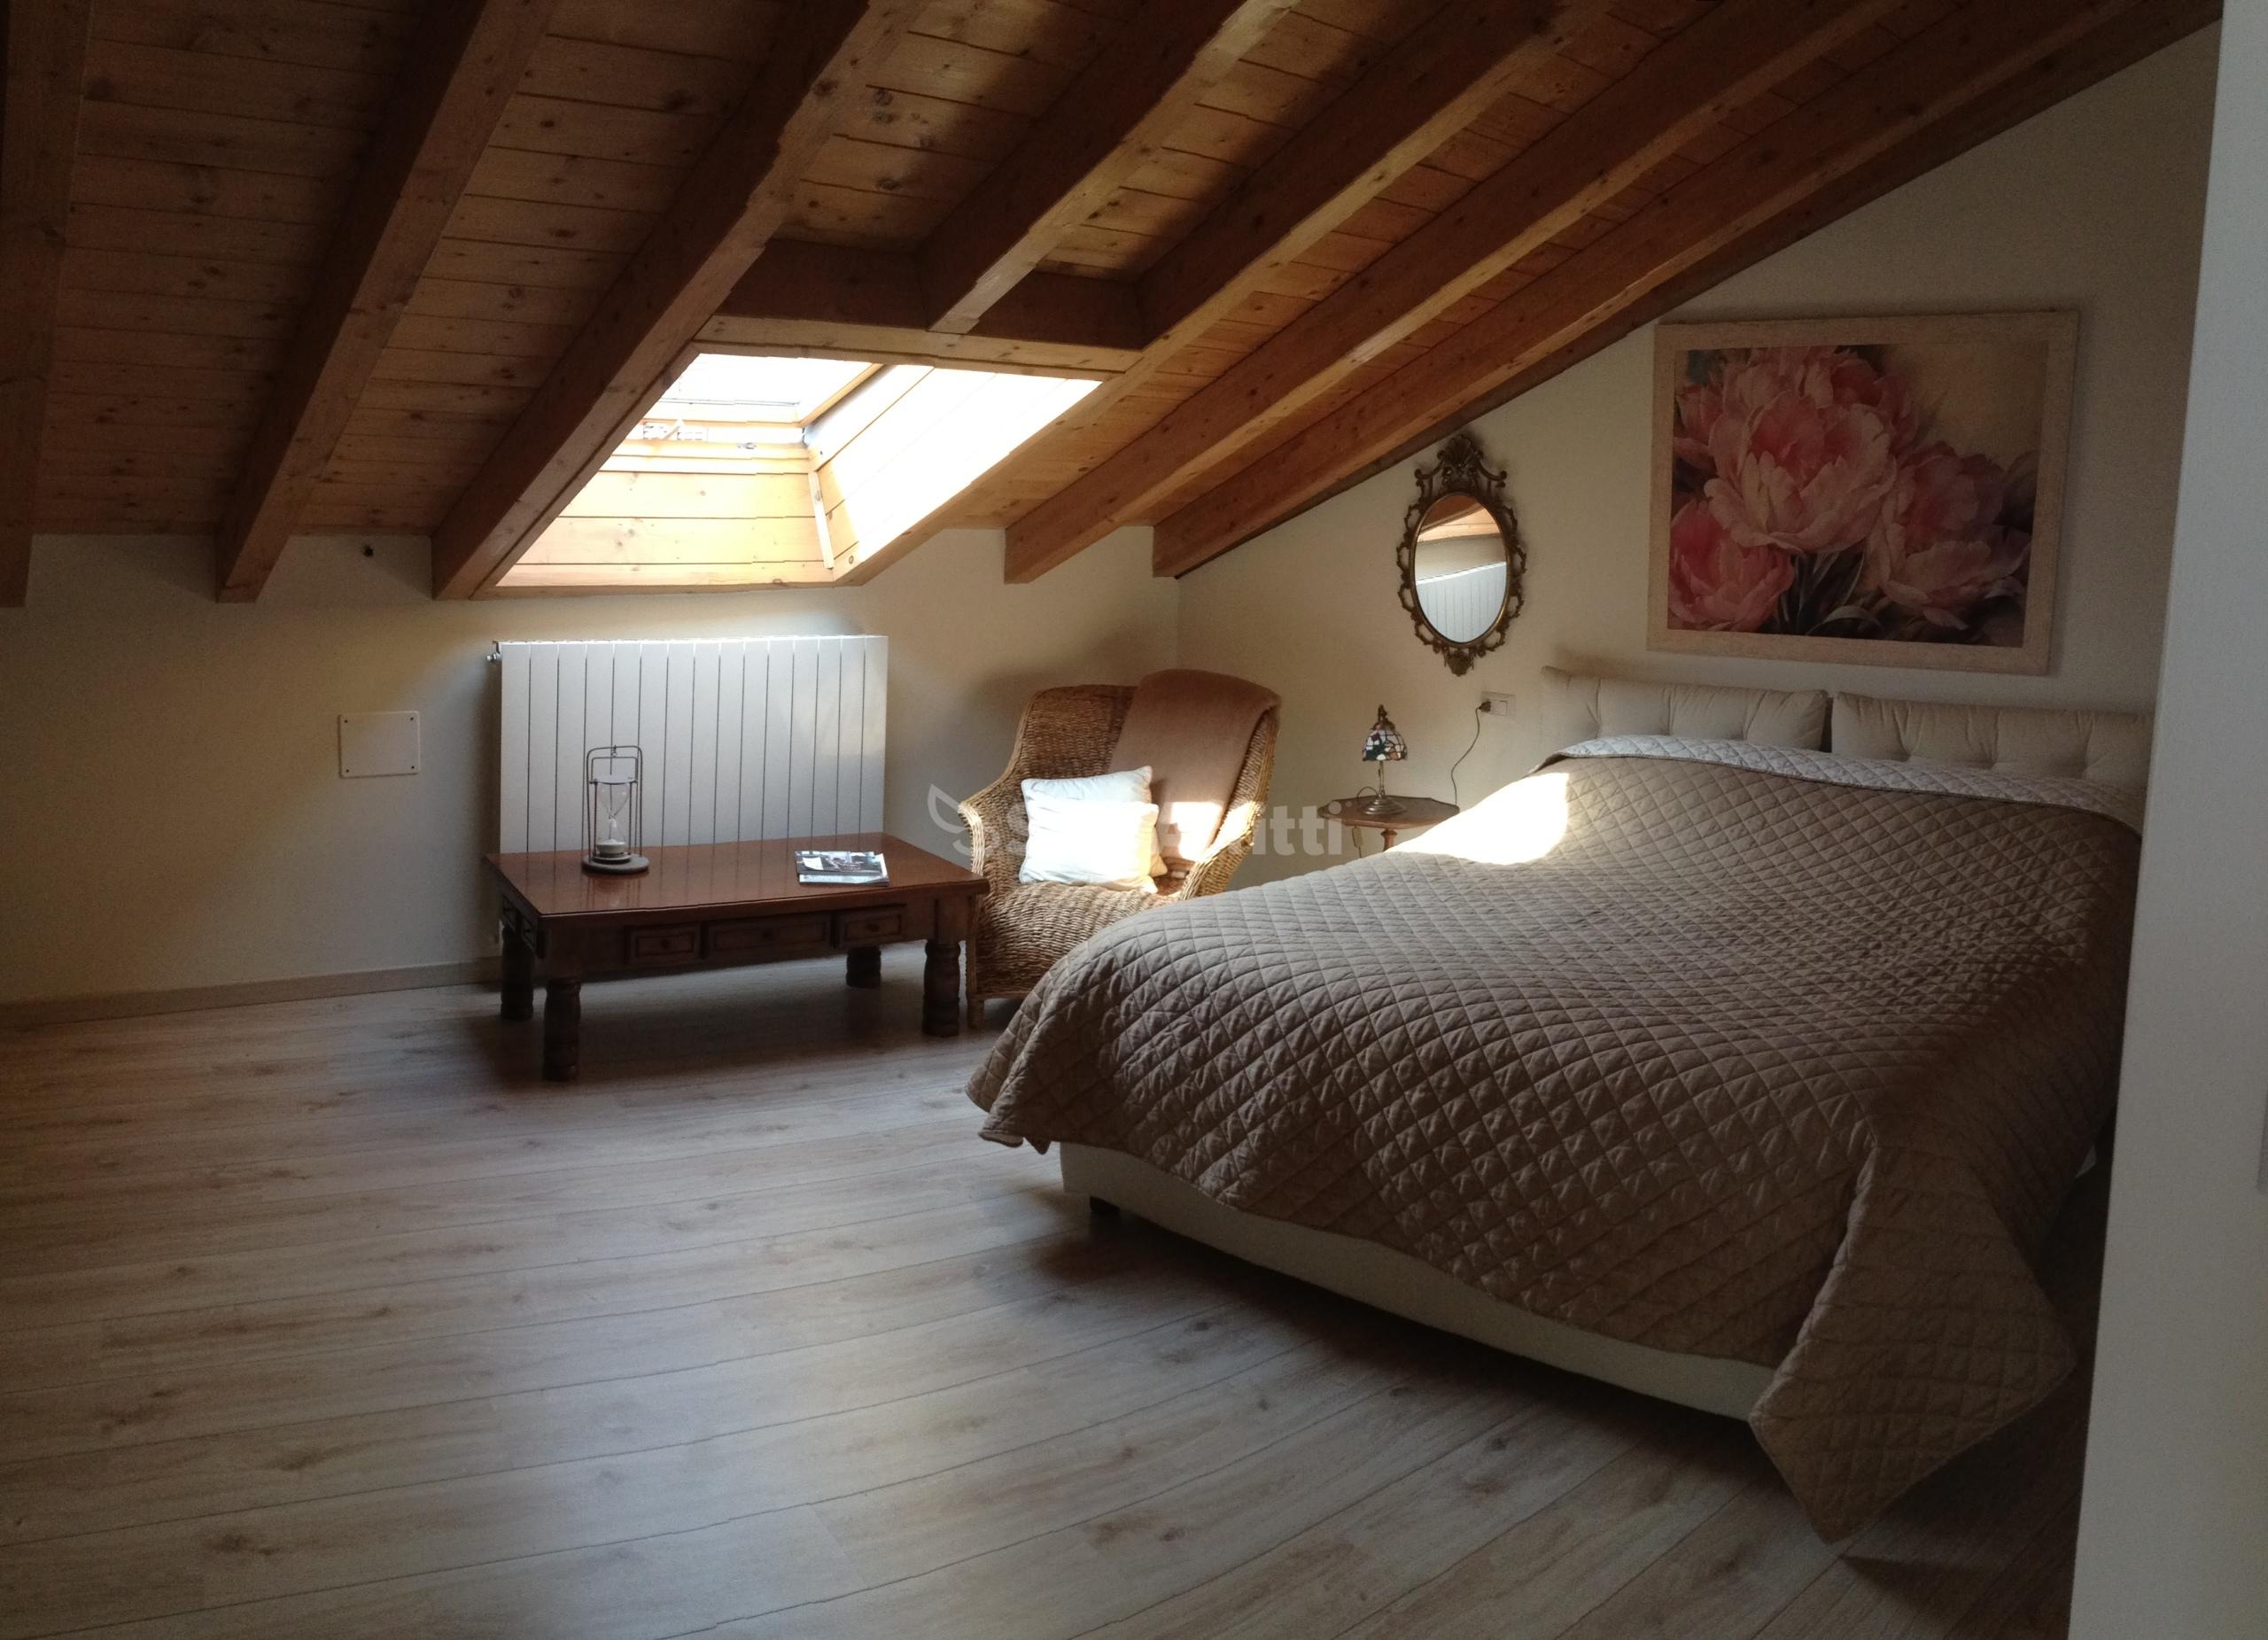 Affitto appartamento bilocale arredato 65 mq for Affitto cassano magnago bilocale arredato